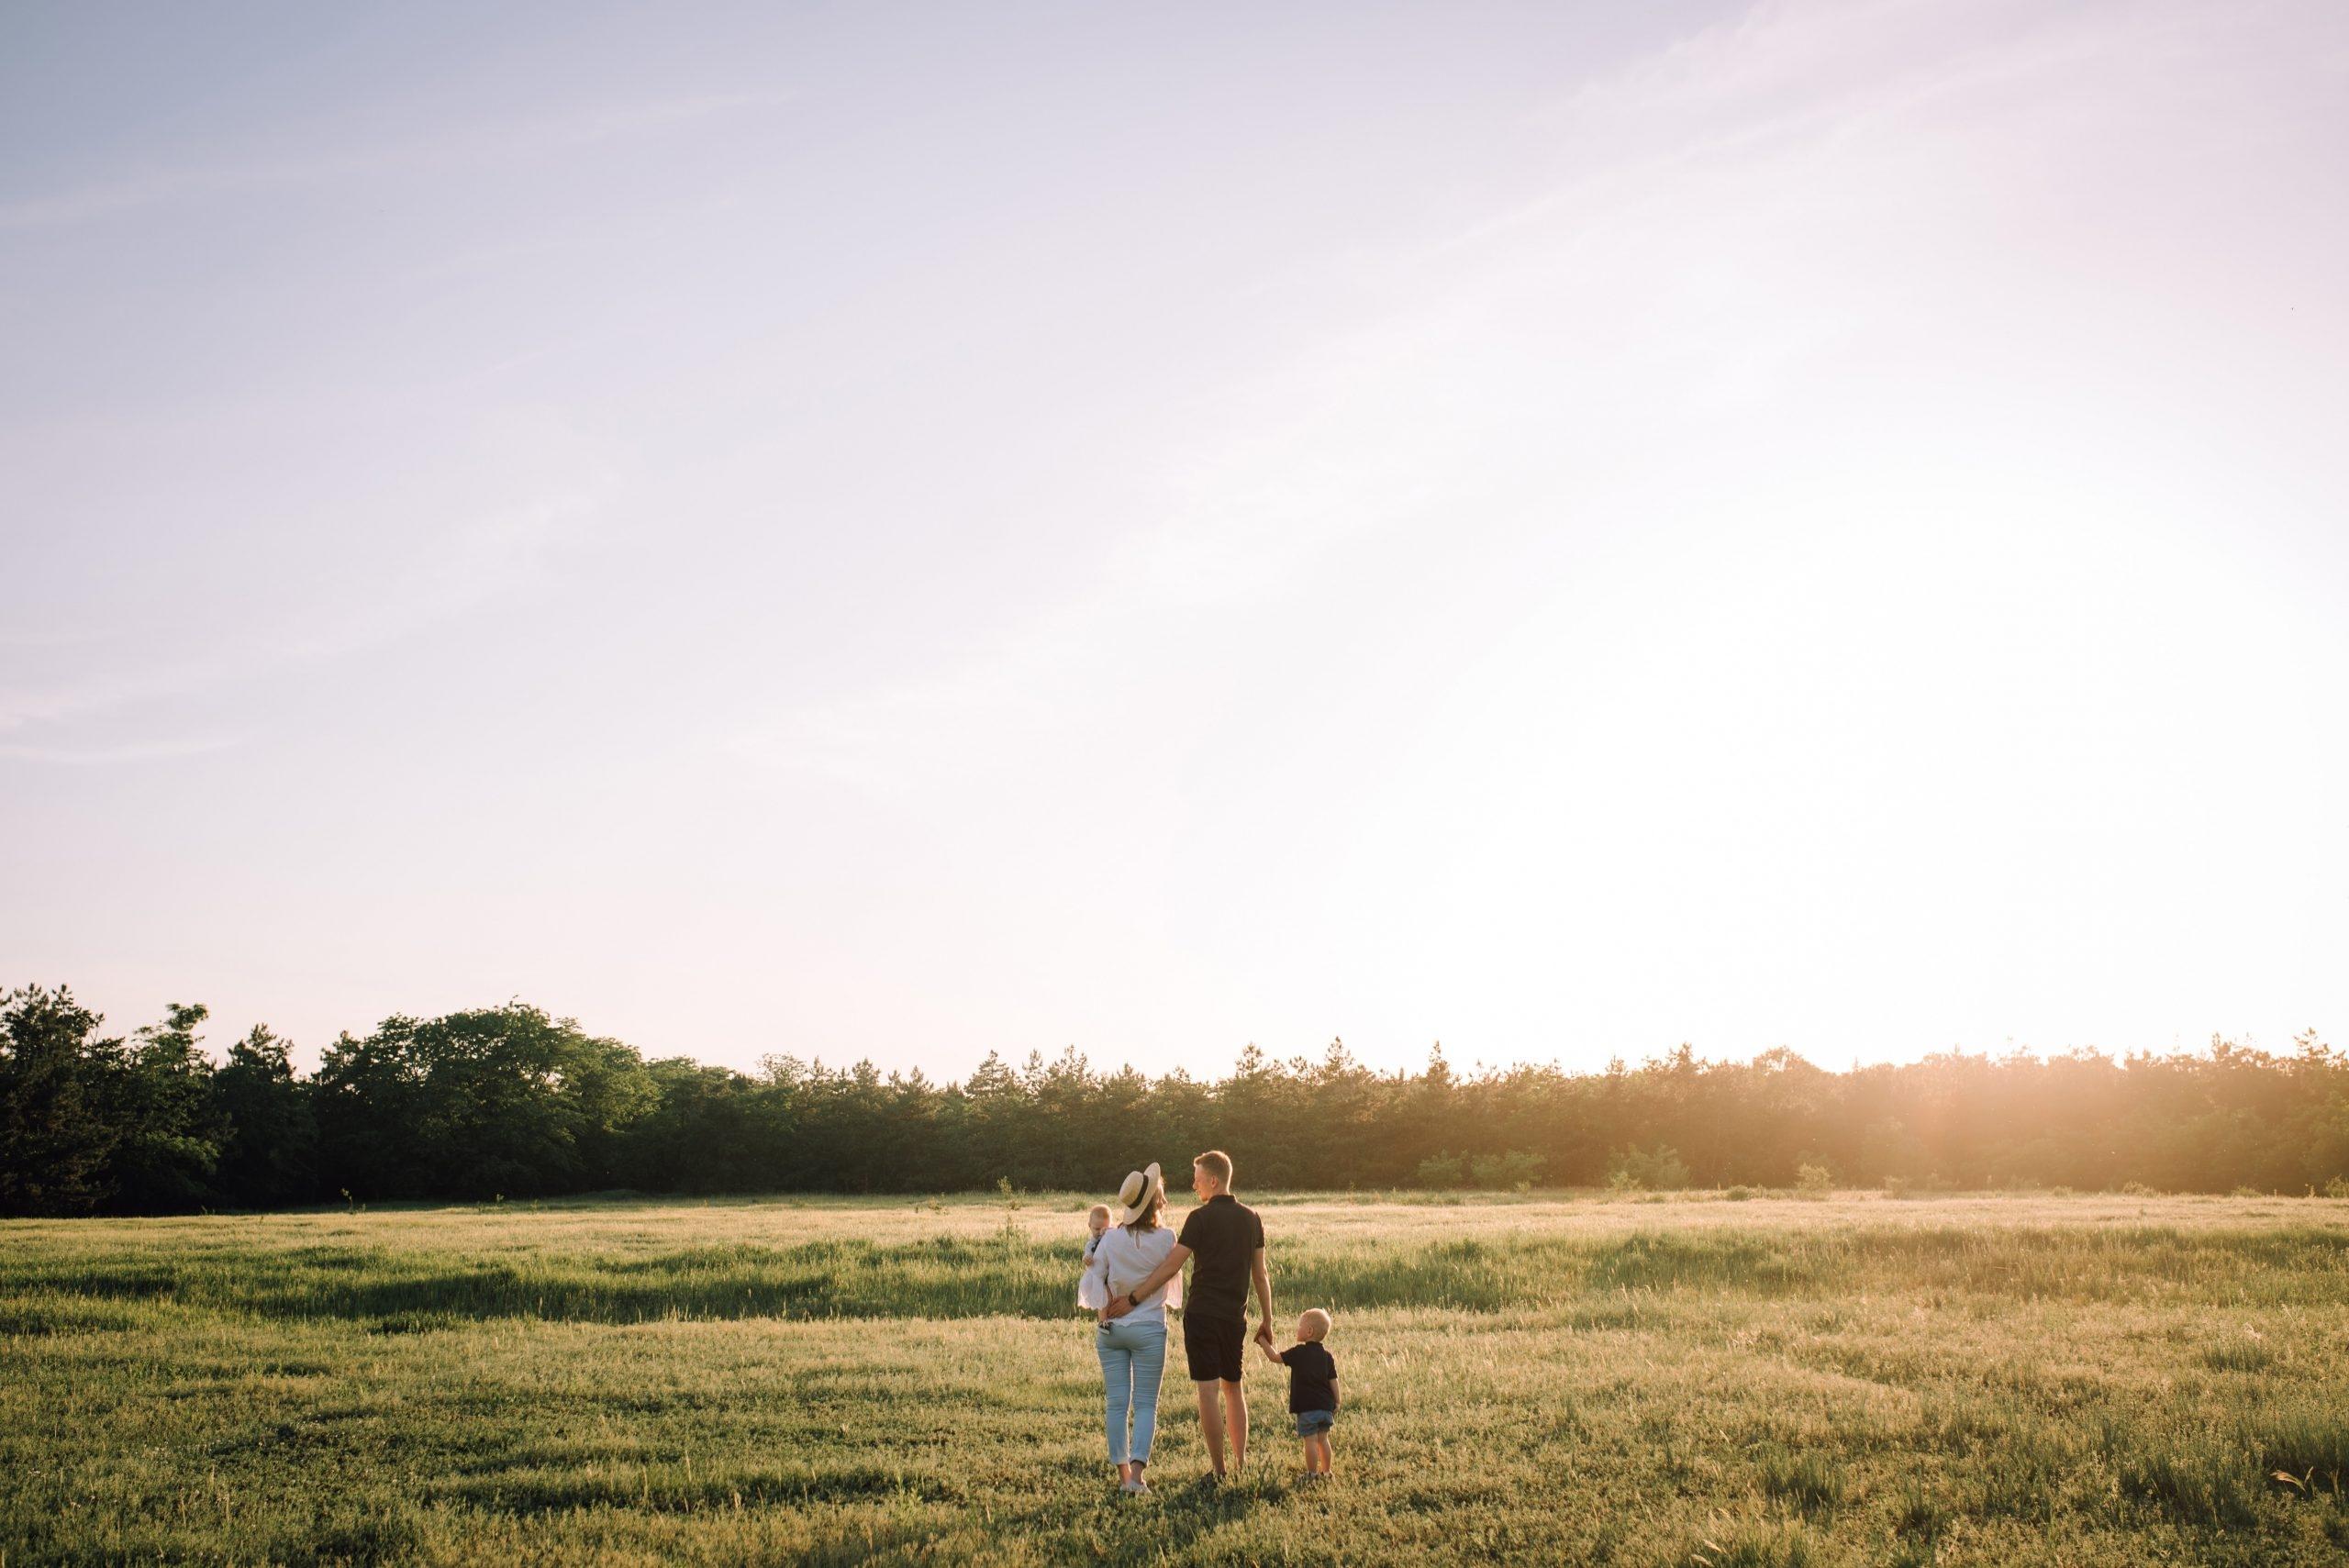 Không gia đình nào bận đến nỗi không thờ phượng Chúa